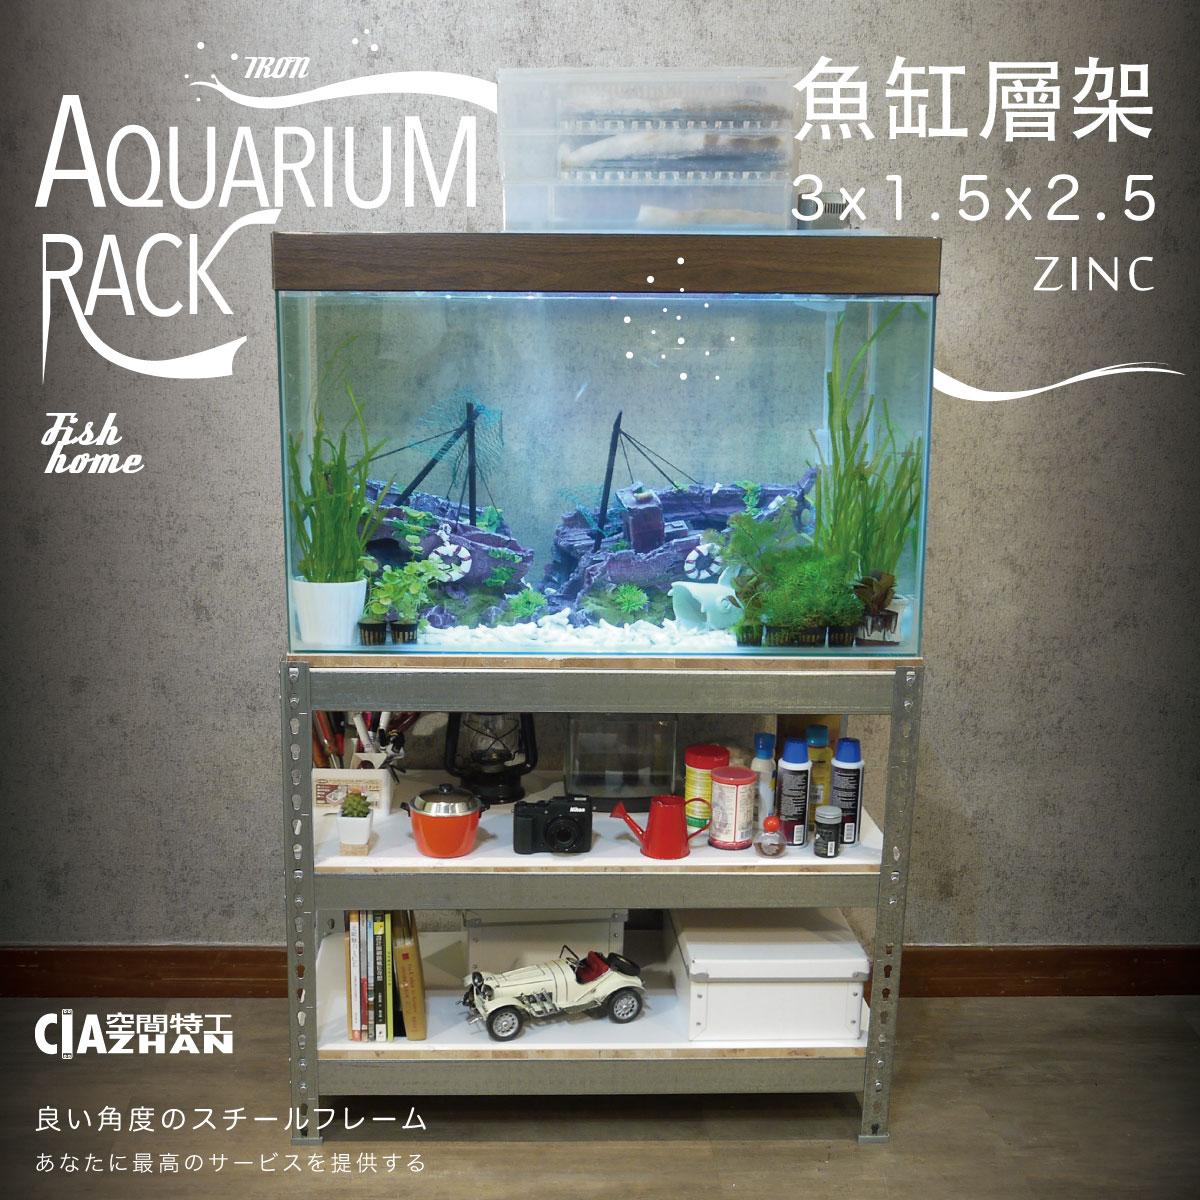 3呎缸架 鍍鋅魚缸架「空間特工」水草缸 水族箱櫃 組合式角鋼架 飼料架 收納櫃 FTZ31525